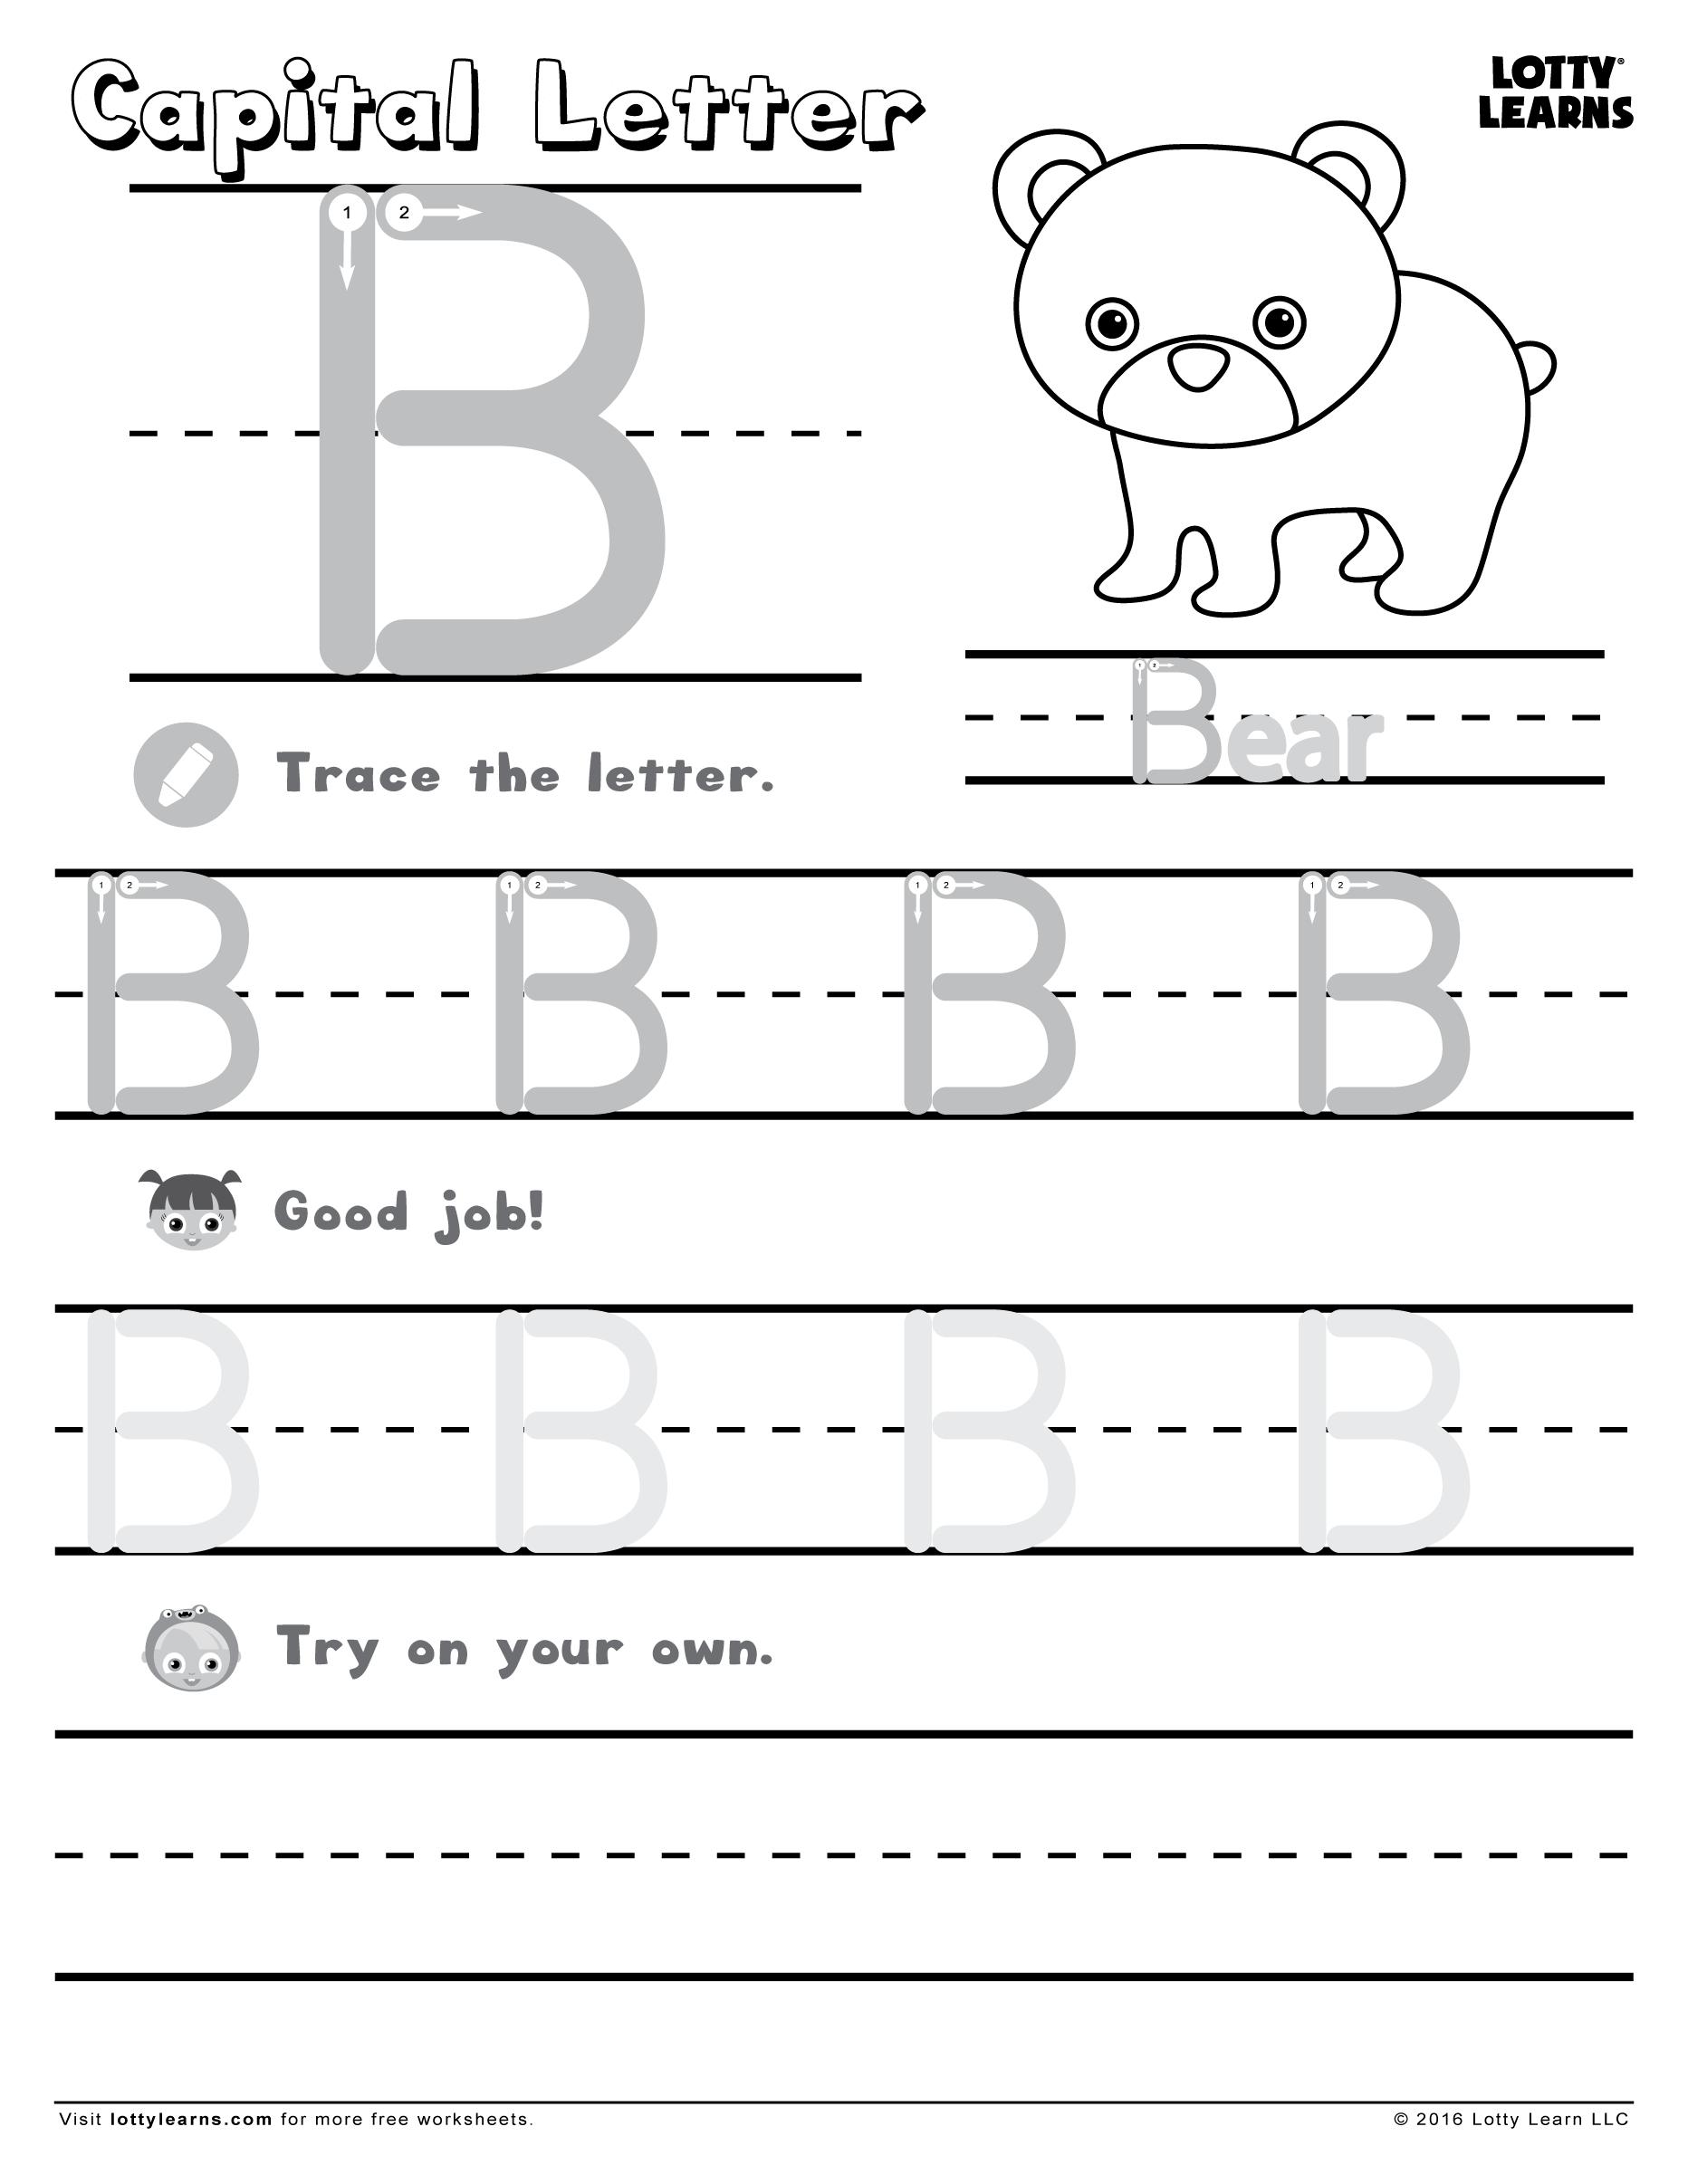 18 Letter B Worksheets For Practicing   Kittybabylove intended for Letter B Tracing Worksheets Free